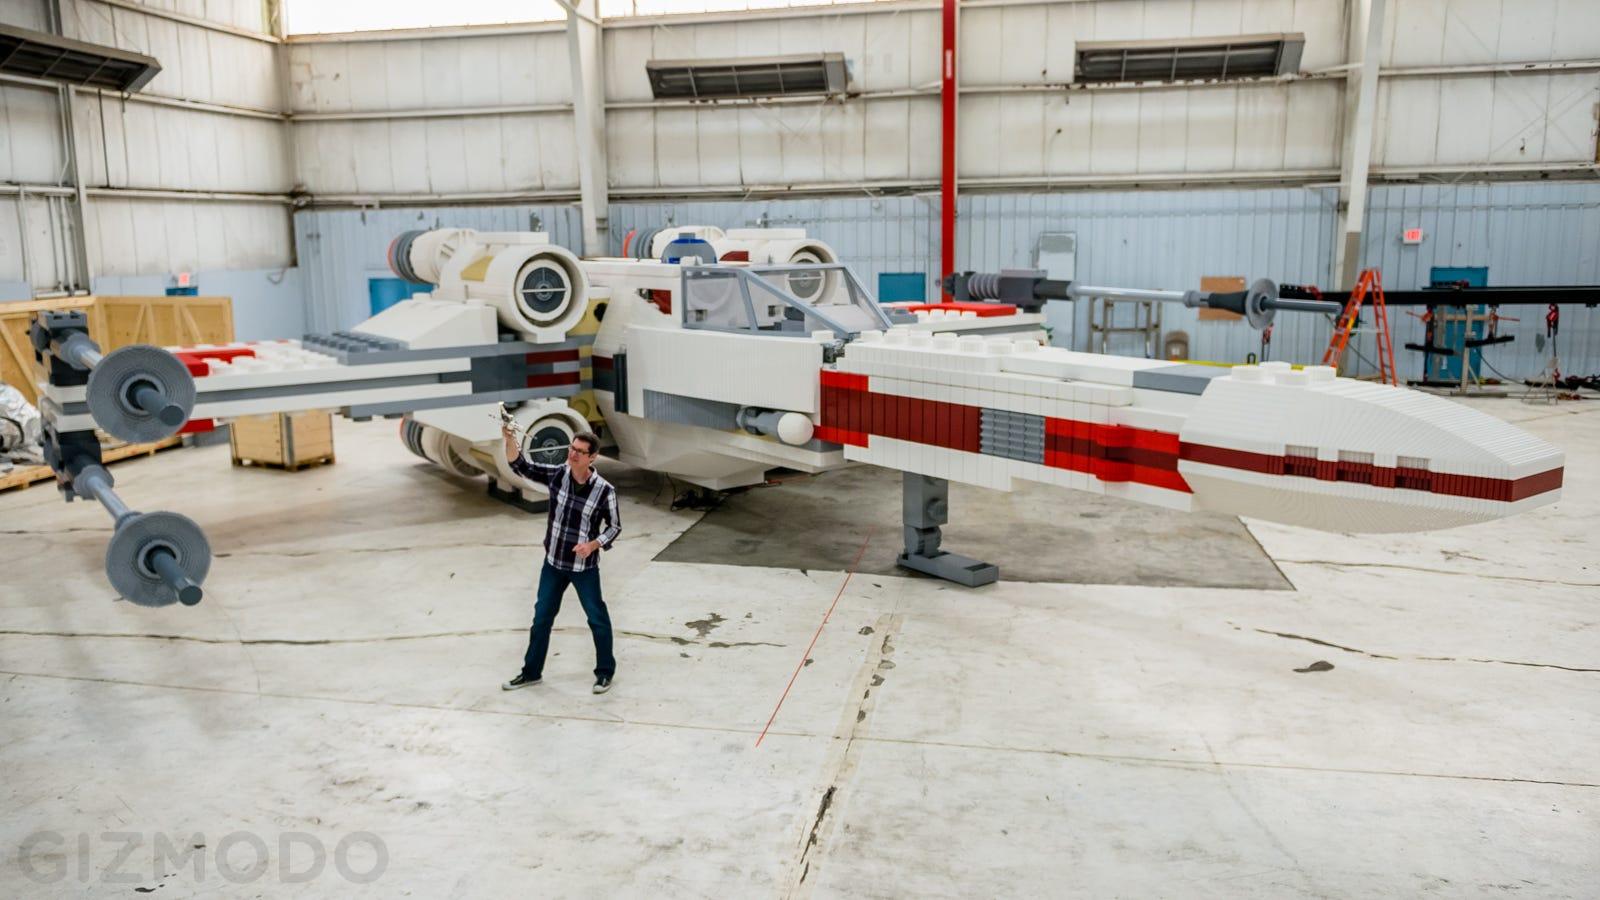 La mayor réplica en Lego jamás creada de una nave de Star Wars